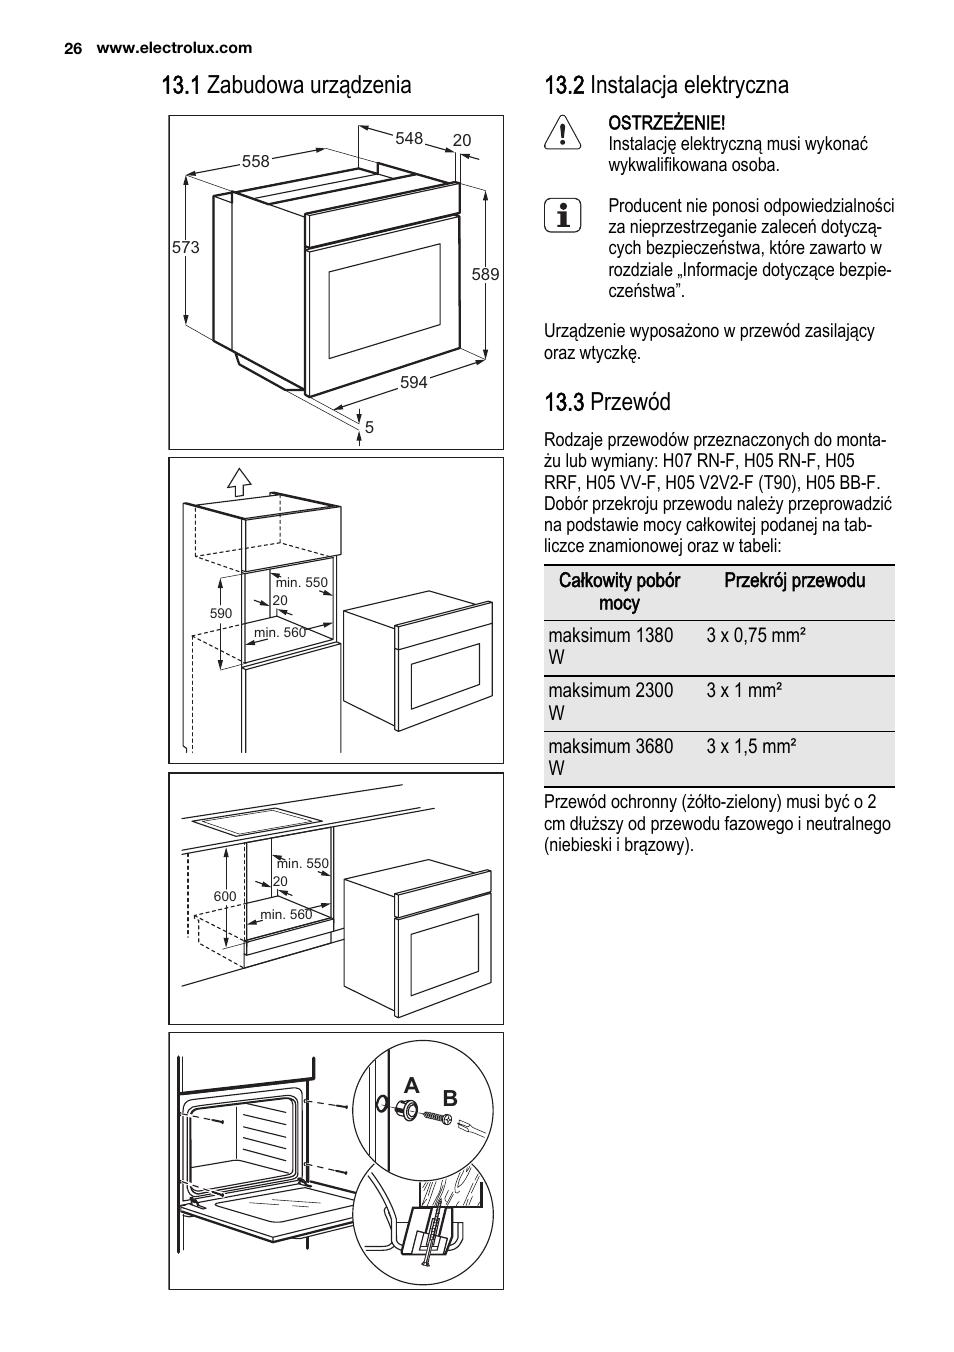 духовые шкафы электролюкс инструкция поэтому